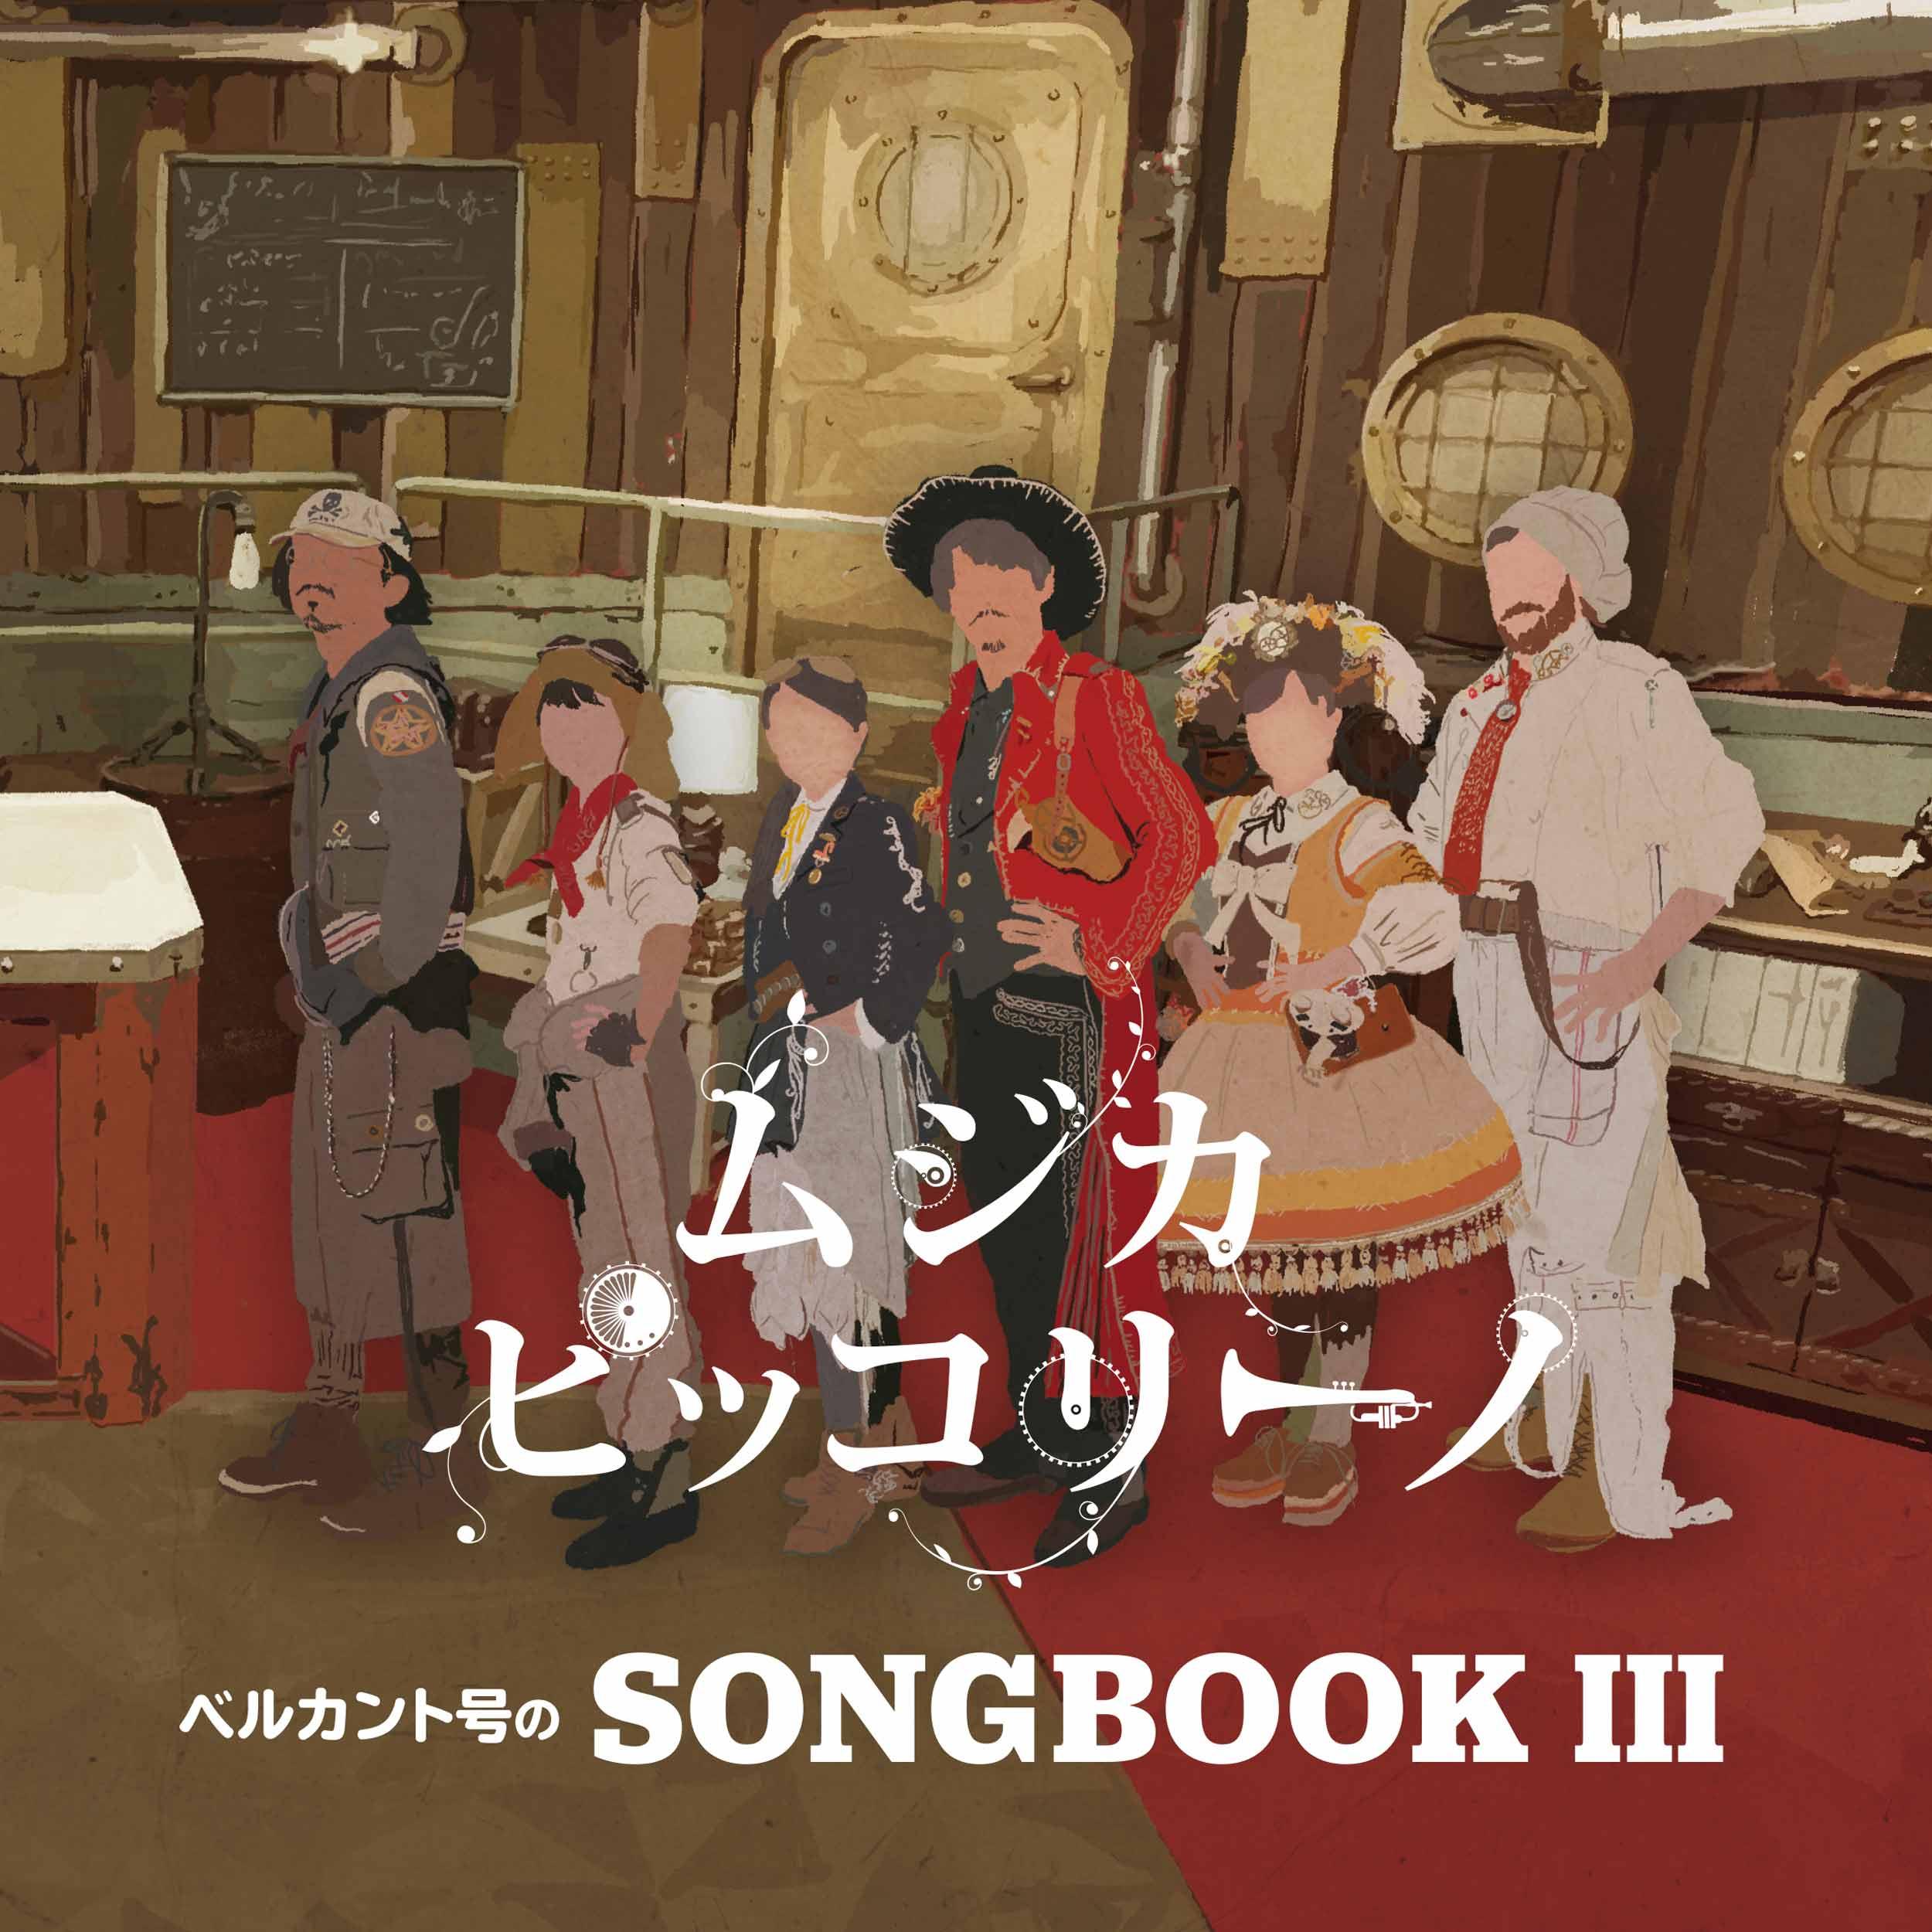 ムジカ・ピッコリーノ「ベルカント号のSONGBOOK Ⅲ」